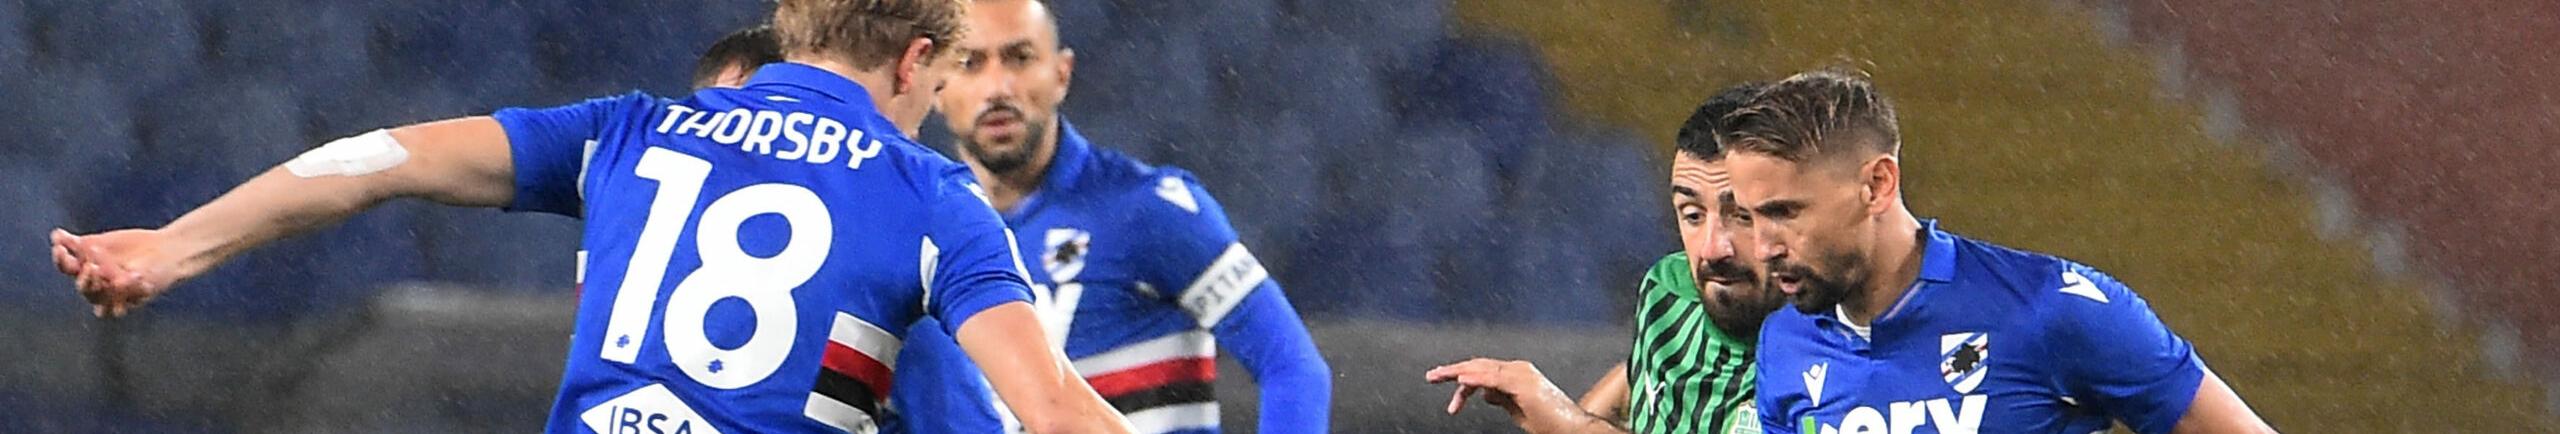 Sassuolo-Sampdoria, i neroverdi cercano di tenere aperta la finestra per l'Europa